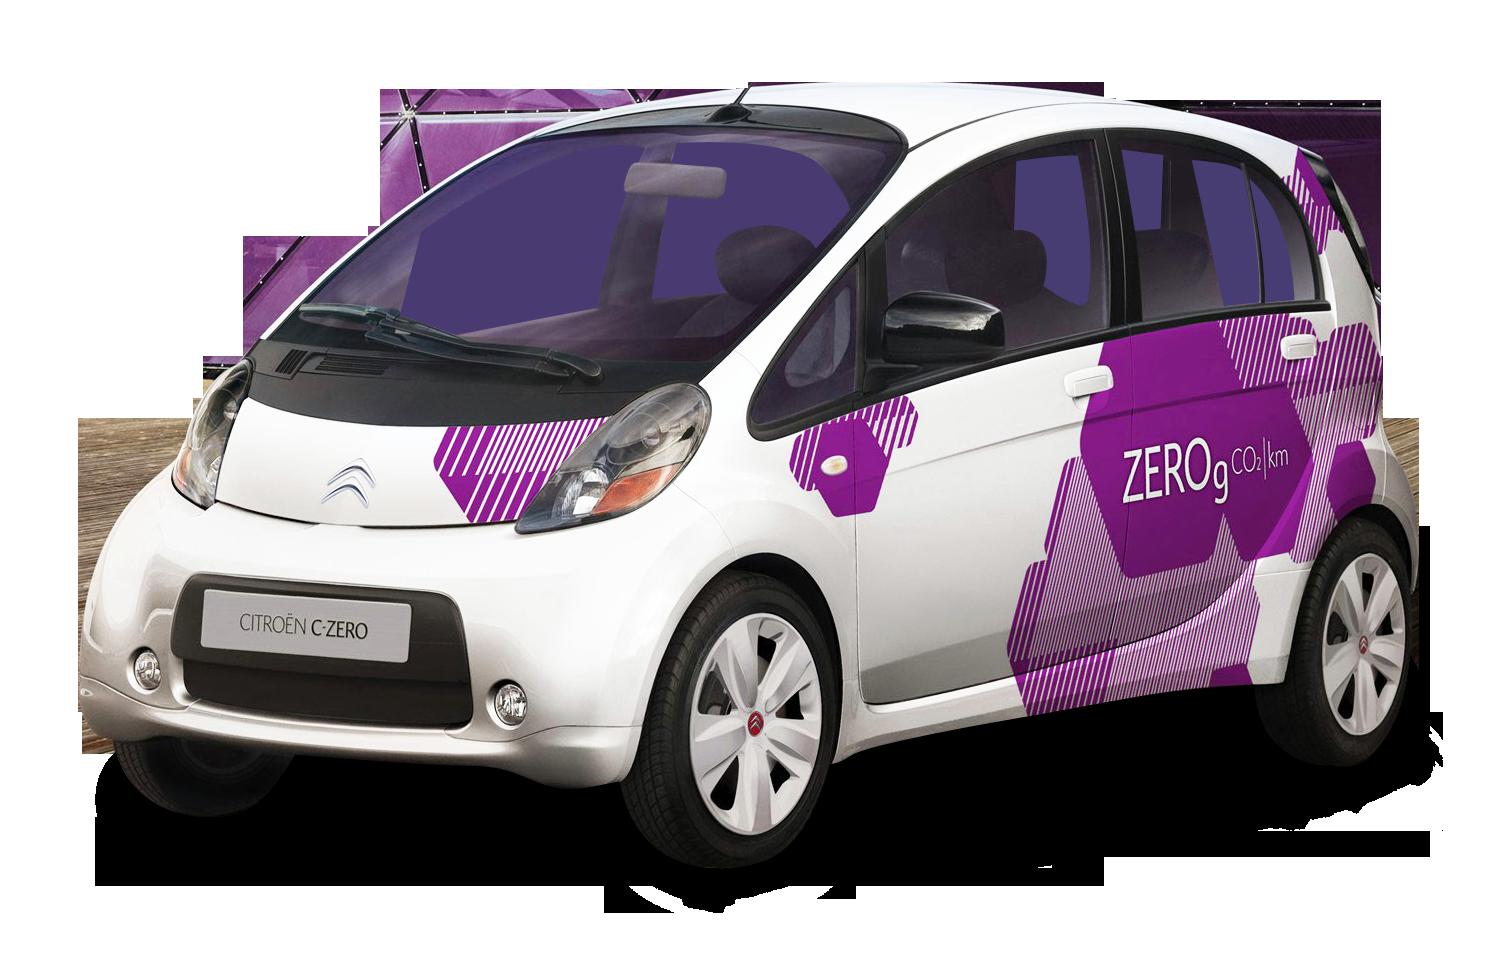 White Citroen C Zero Small Car PNG Image